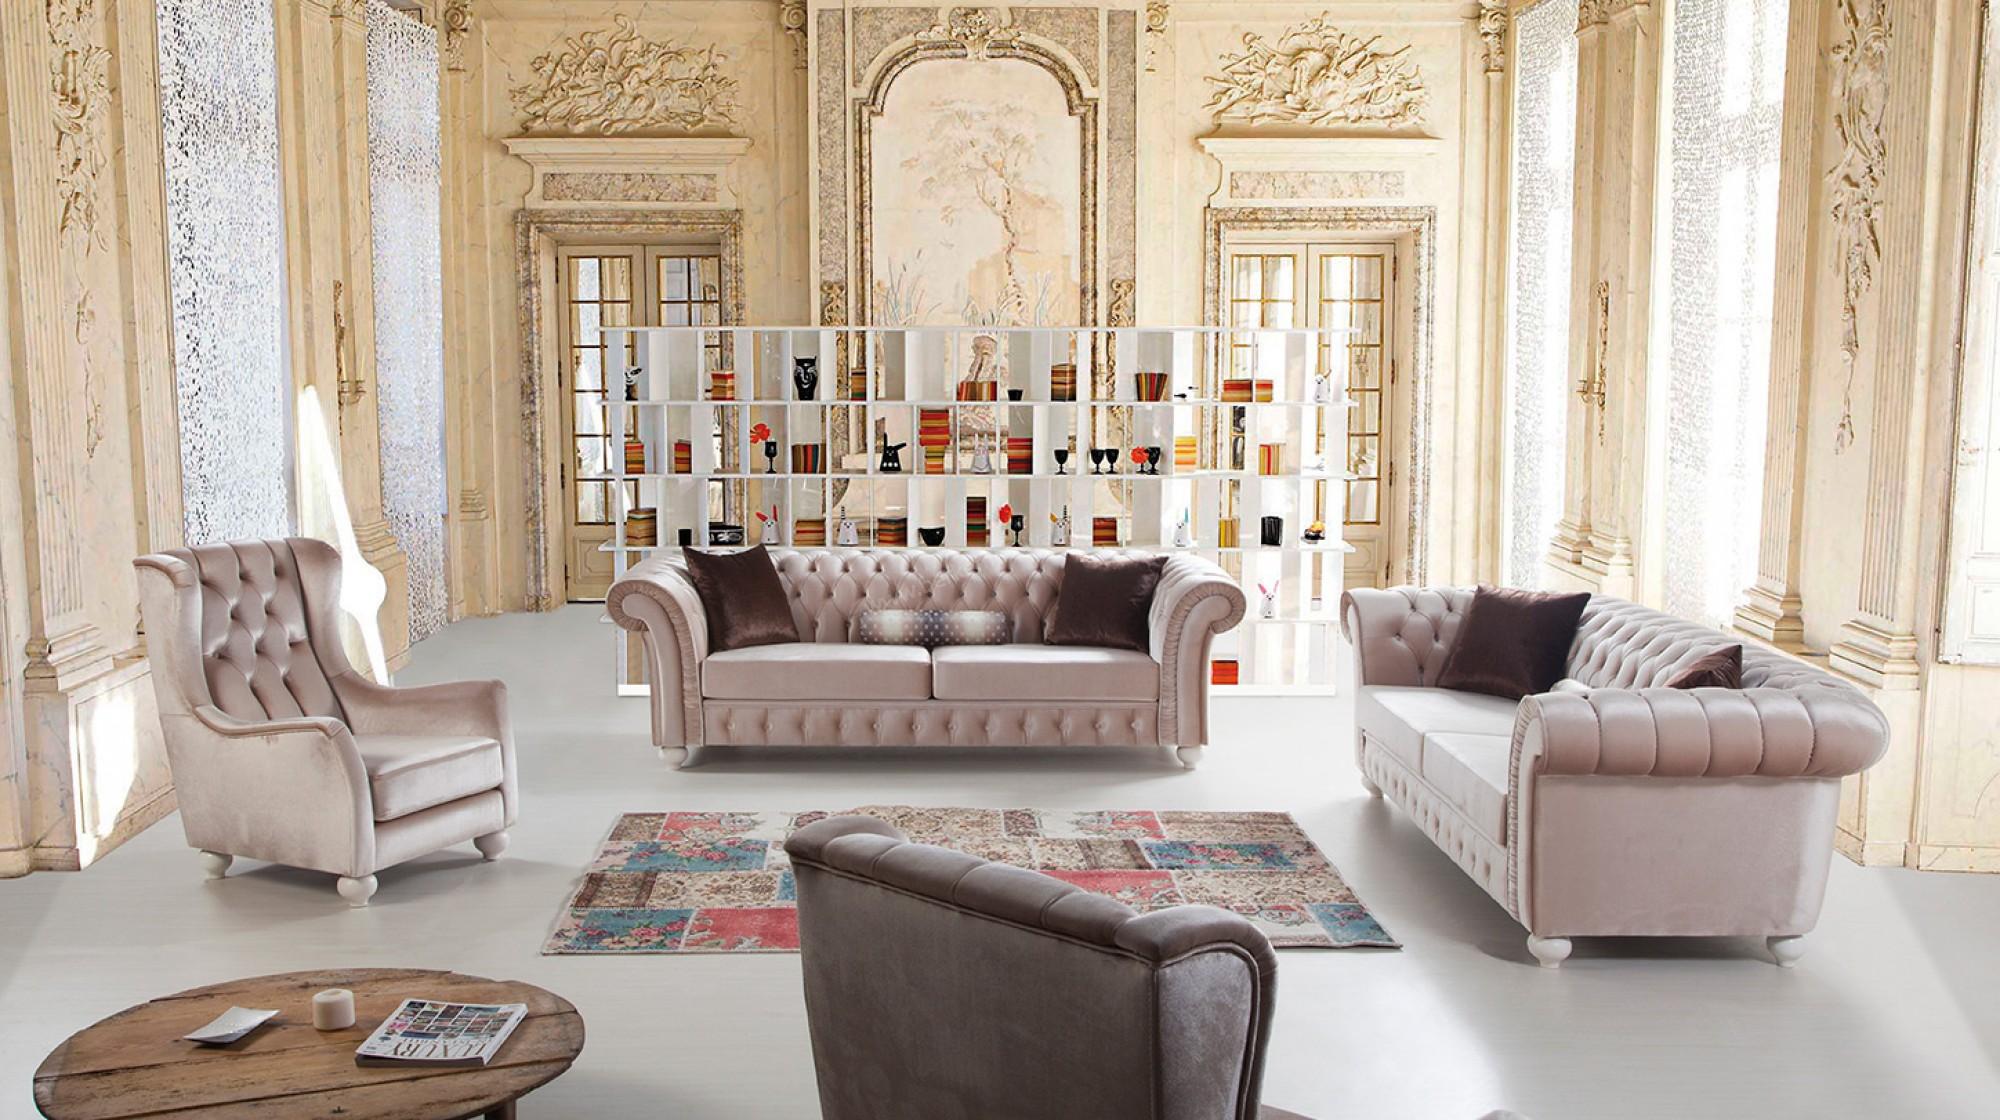 kocaeli chester avangarde koltuk tak m berke mobilya. Black Bedroom Furniture Sets. Home Design Ideas